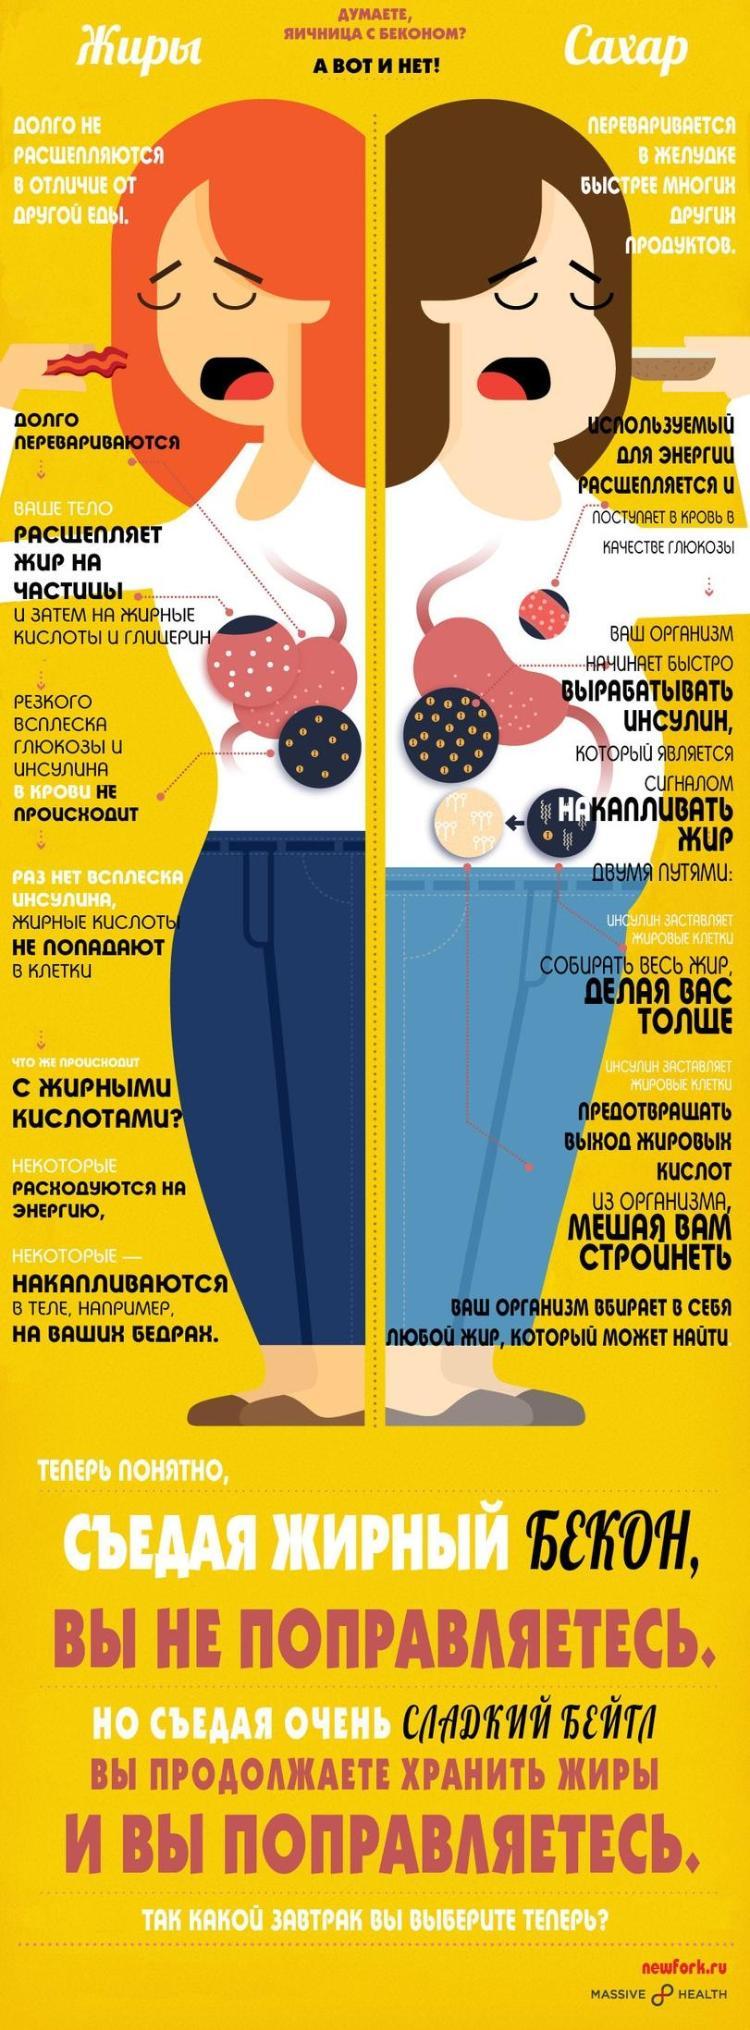 похудение с помощью правильного питания отзывы